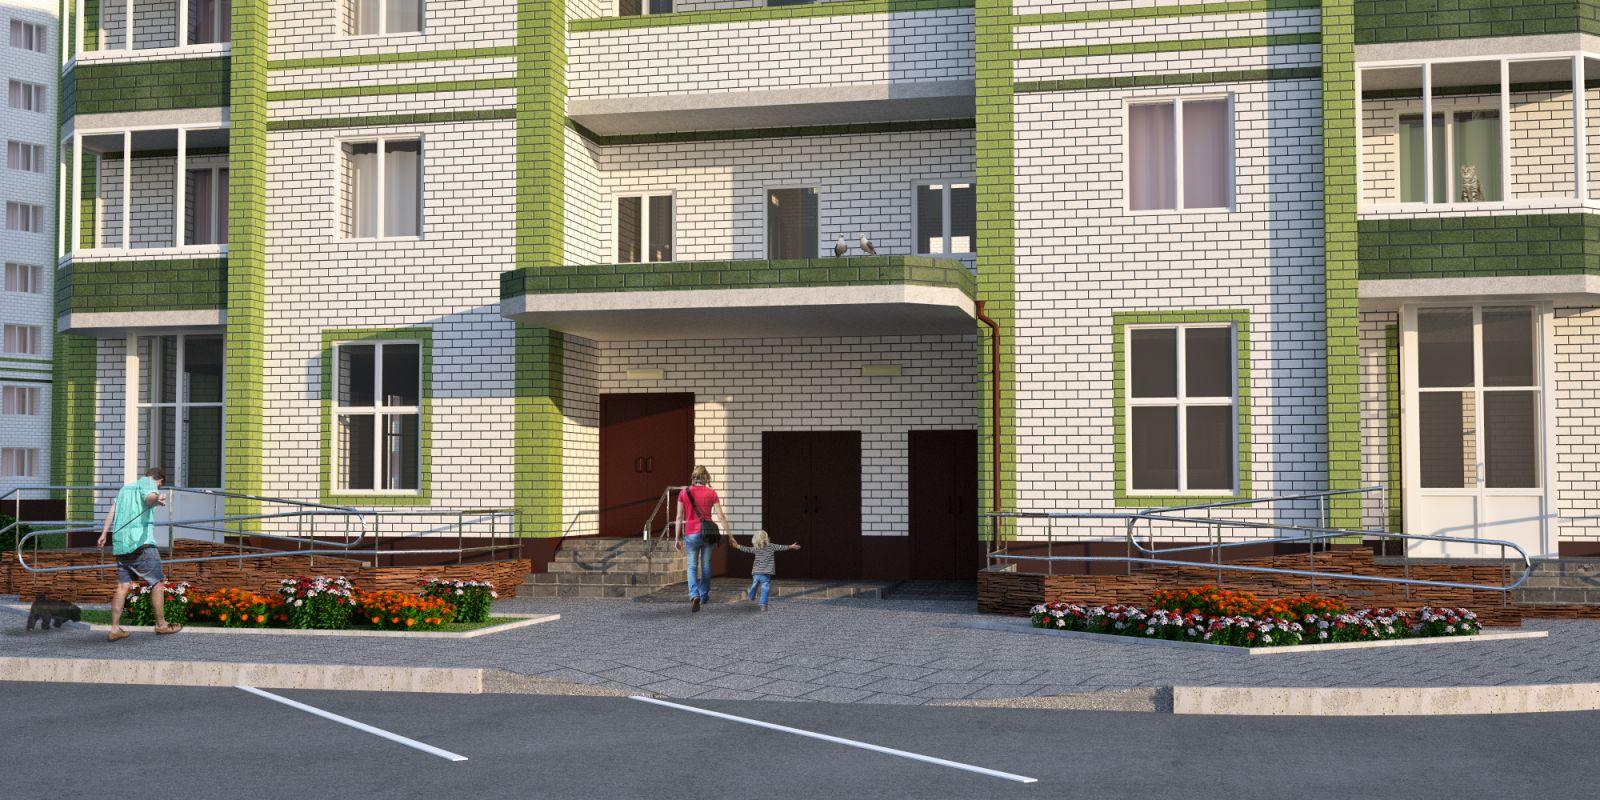 7dad95ef1f130 В строящемся доме 56 квартир, однокомнатных - 18, двухкомнатных - 23,  трехкомнатных -15 шт. с современными планировочными решениями с просторными  кухнями и ...